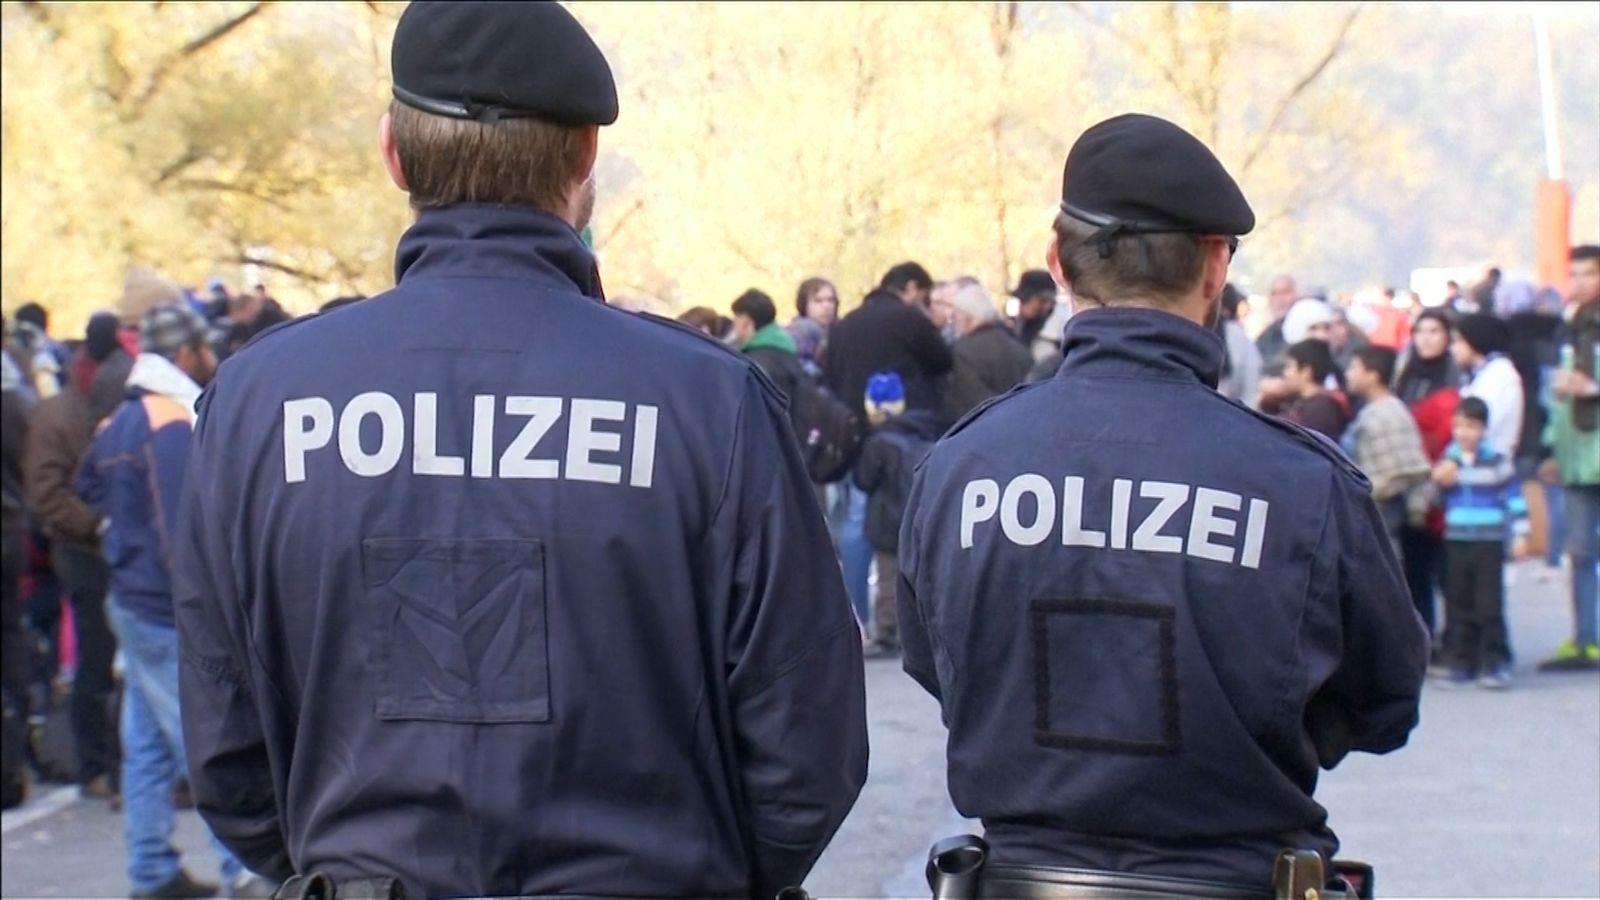 Polizei und Flüchtlinge